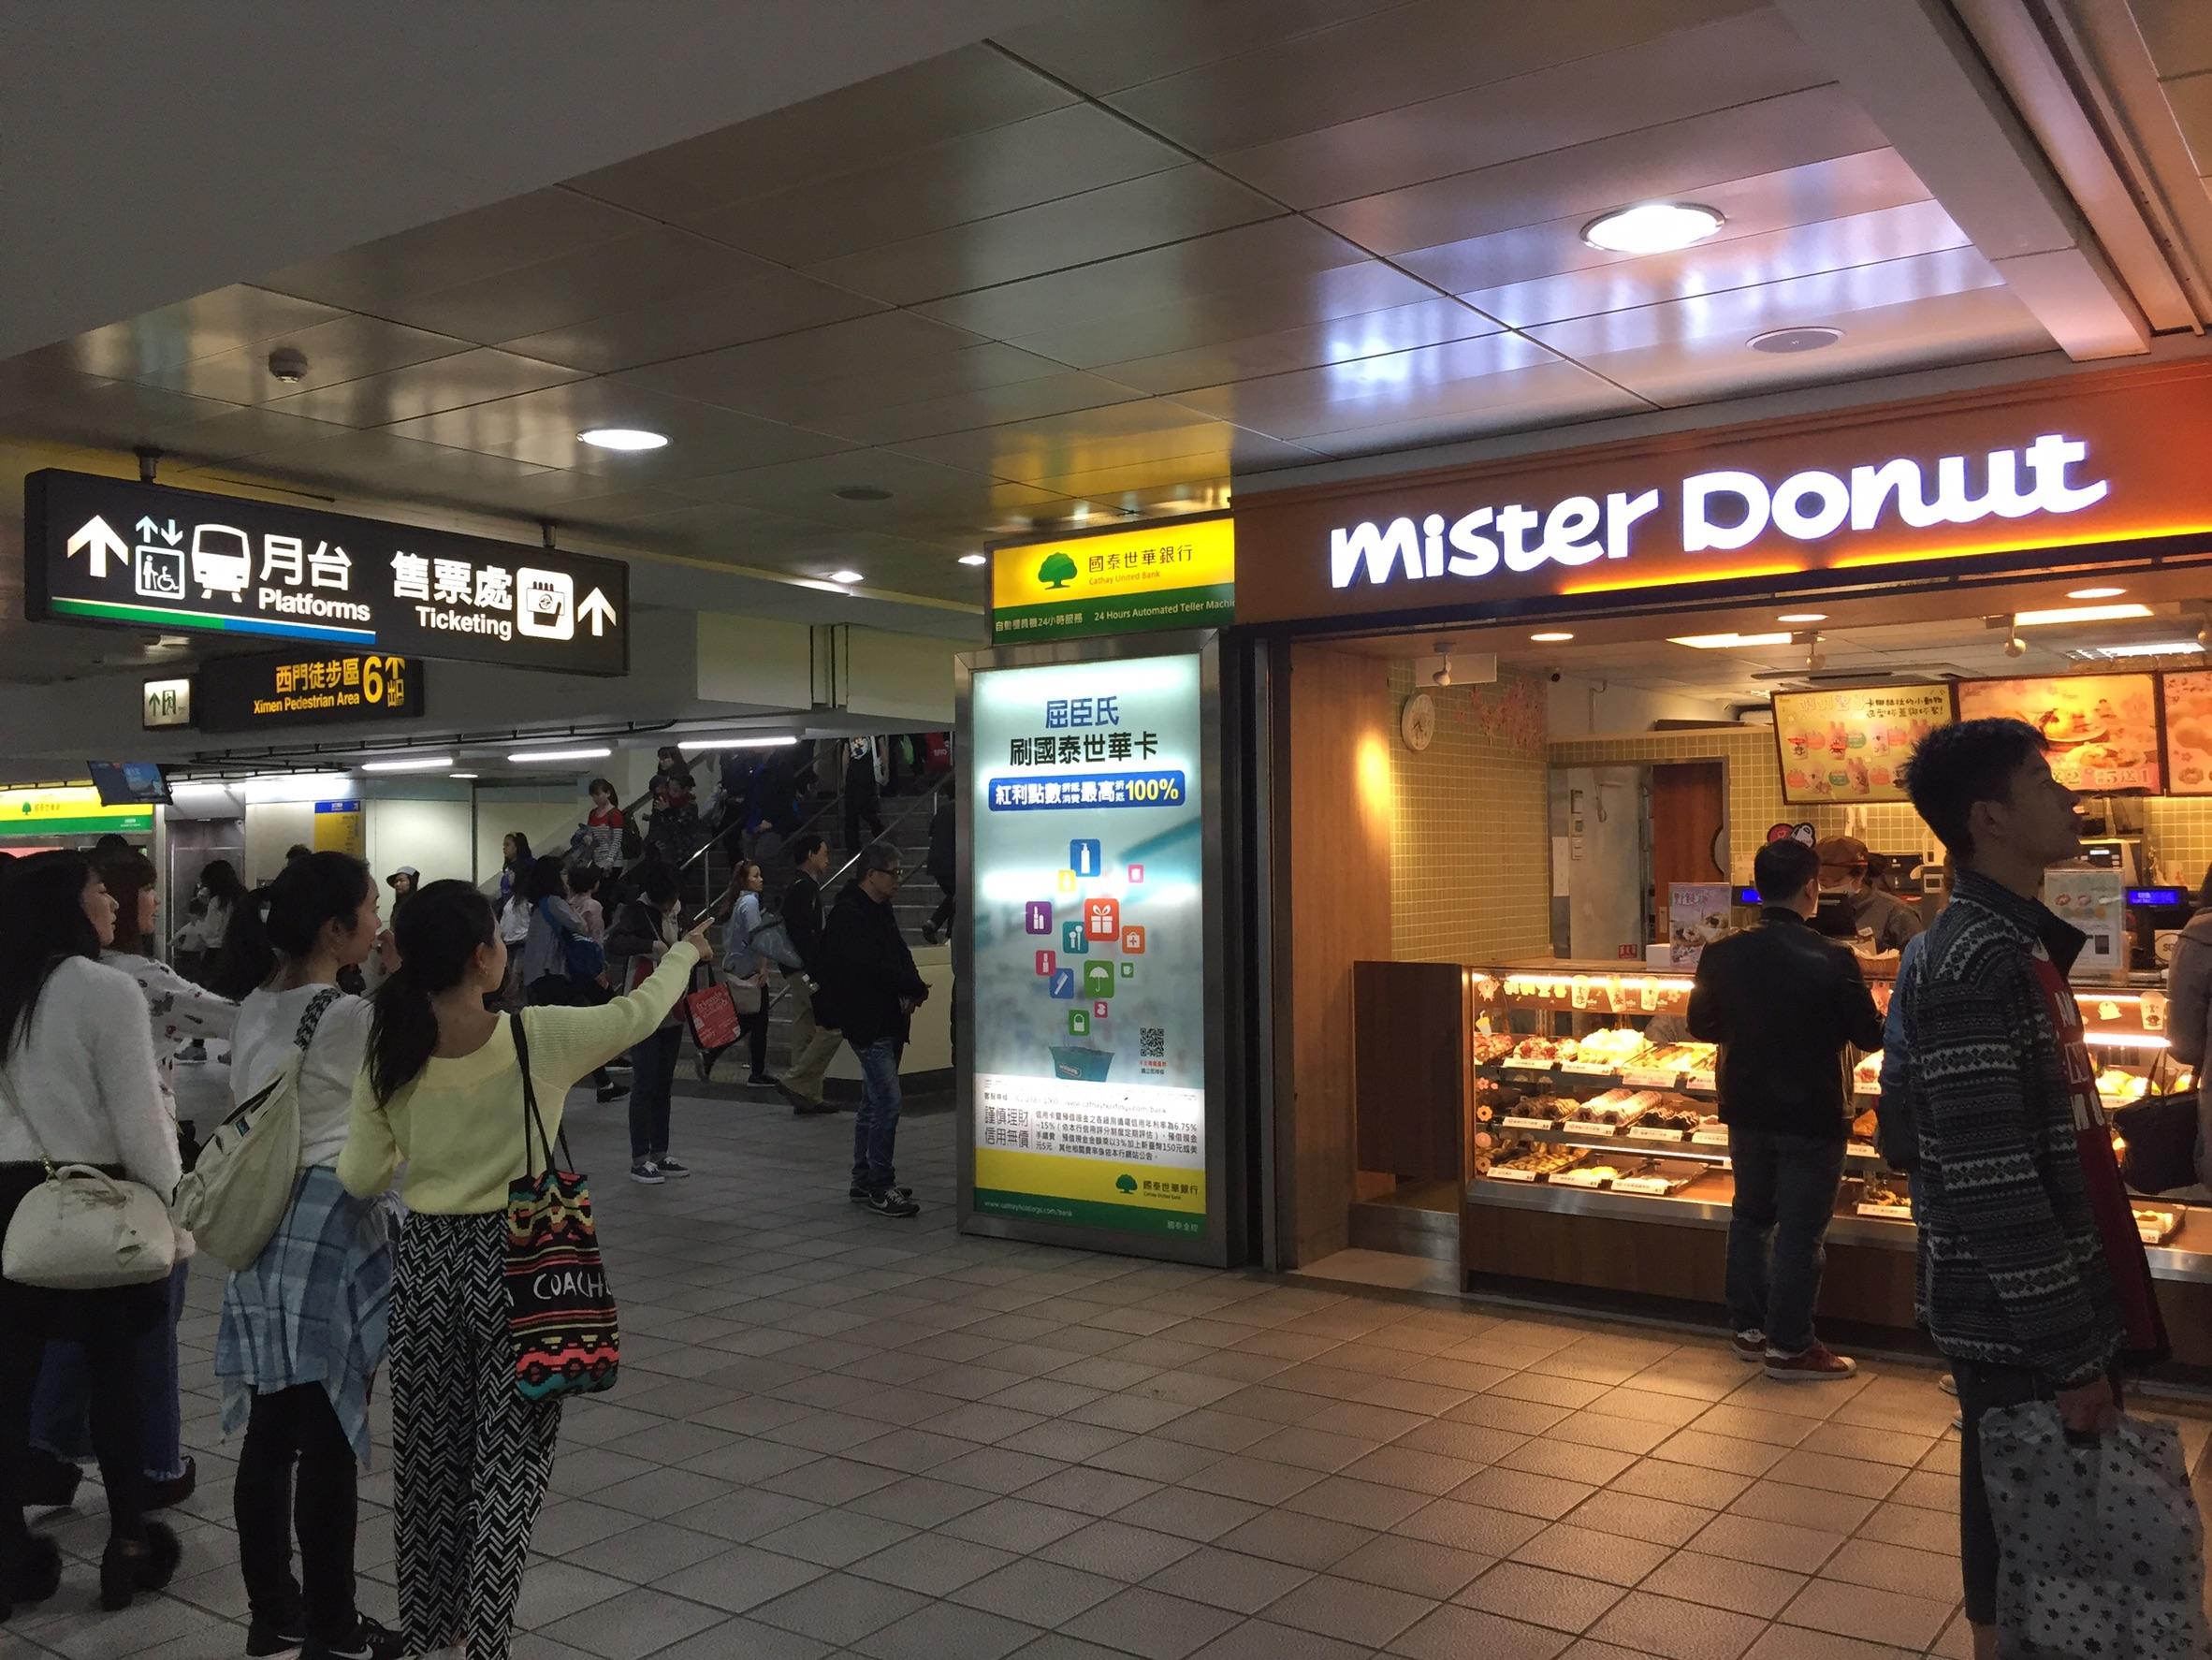 部分捷運站出口可見甜甜圈店面,吸引公共運輸人流。(攝影/謝孟儒)